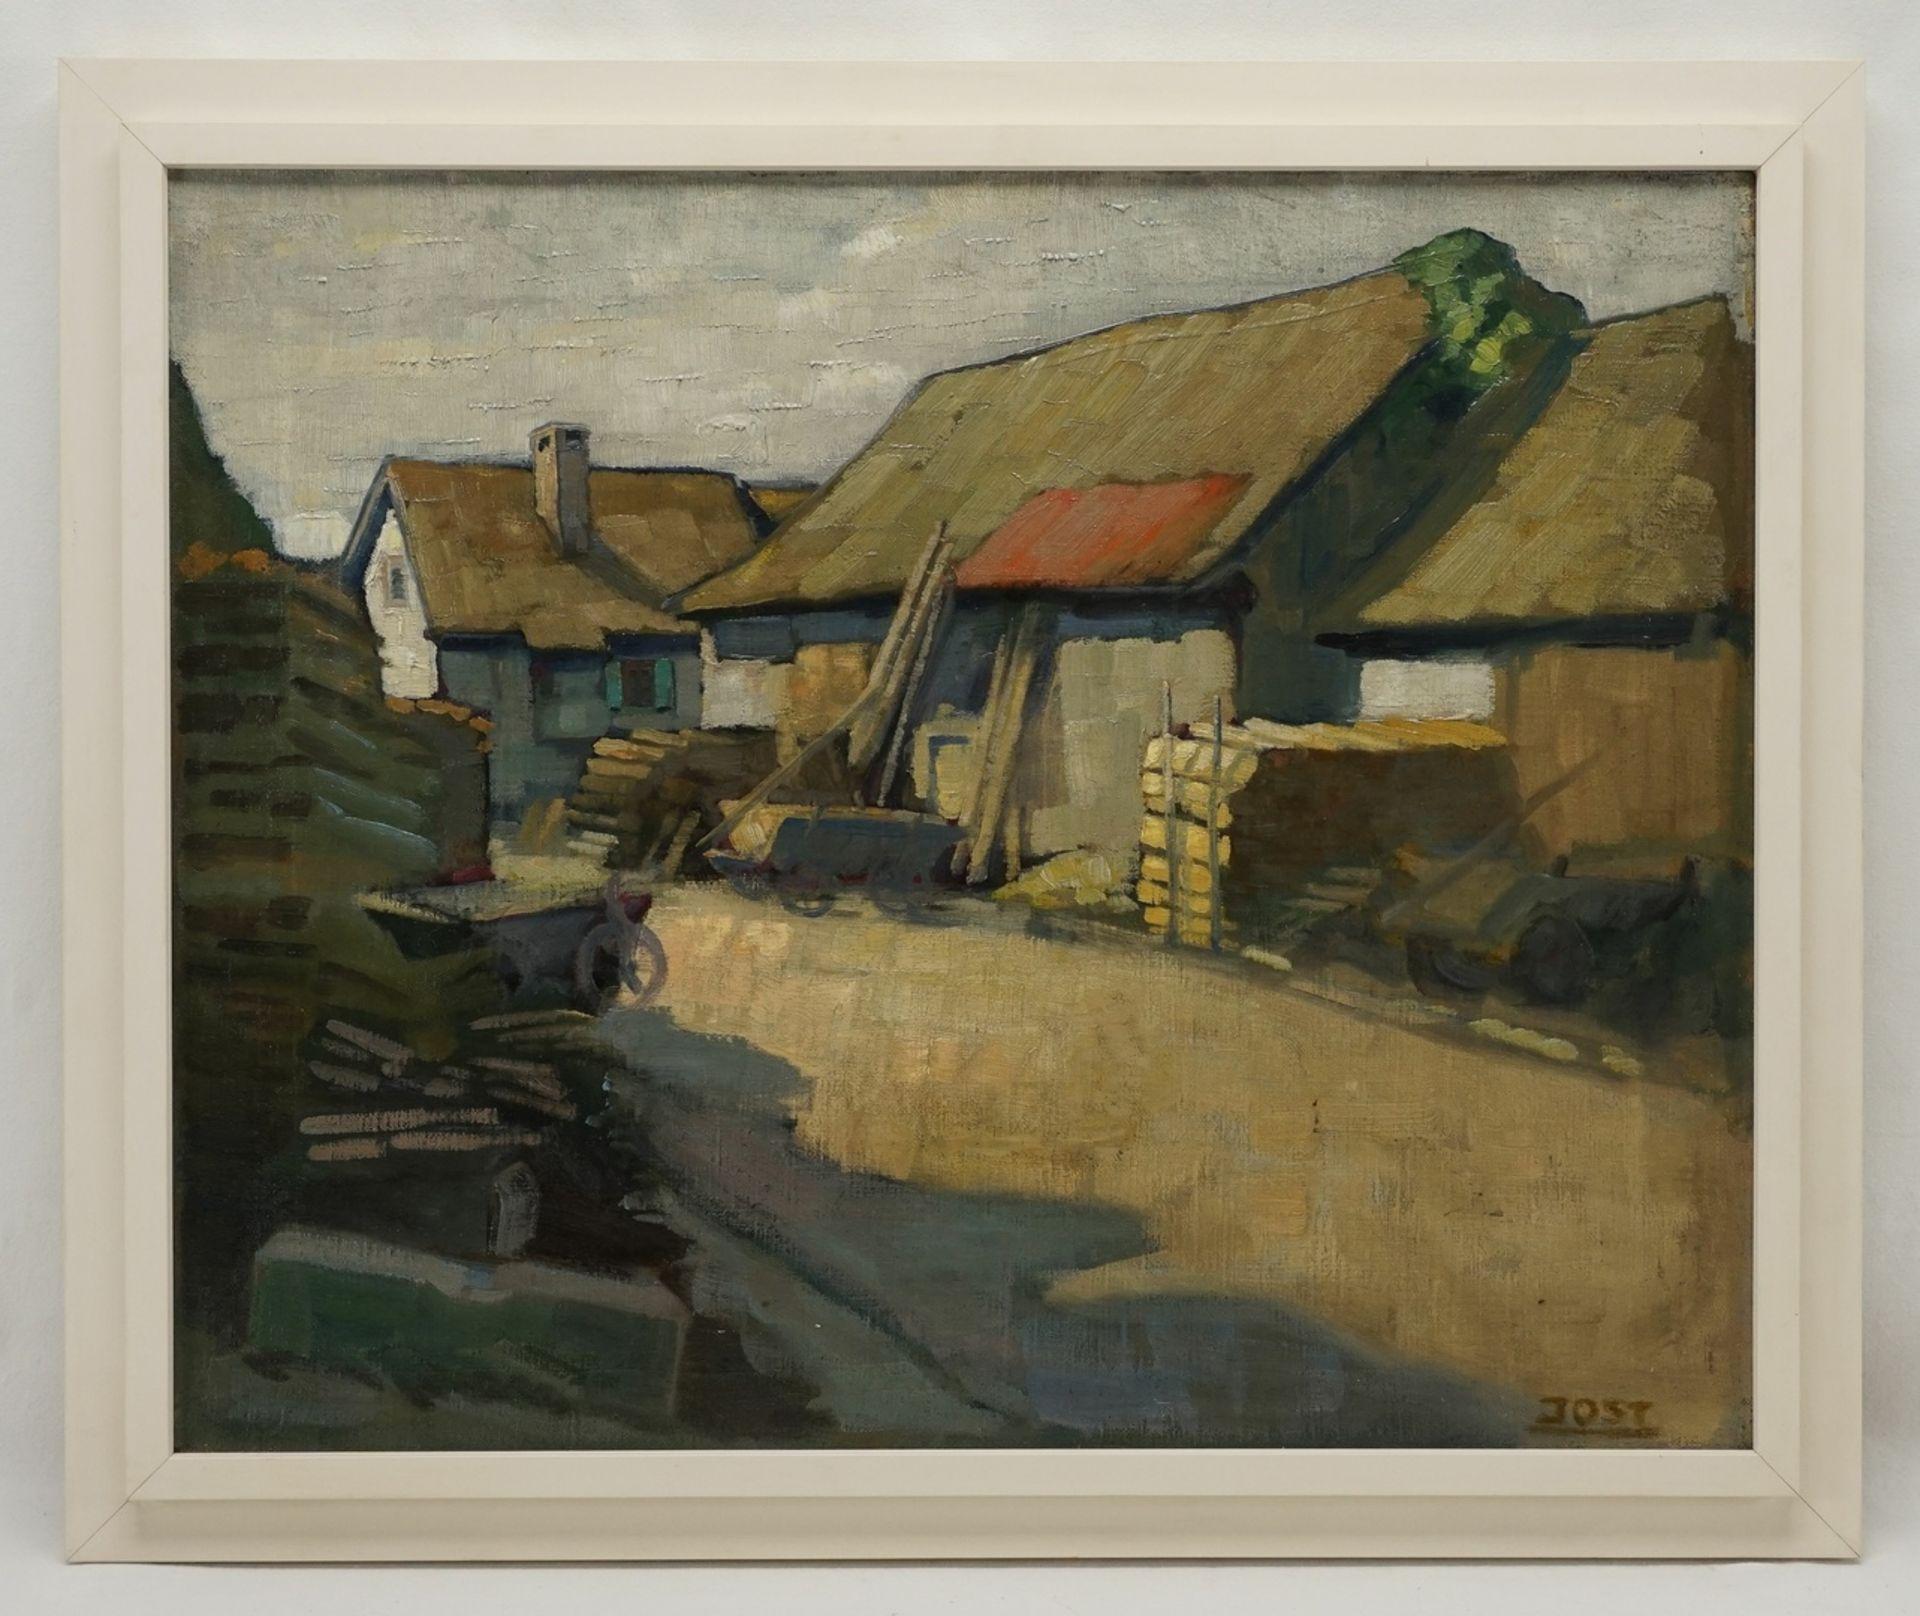 """Georg Jost, """"Dorfstrasse"""" - Bild 2 aus 4"""